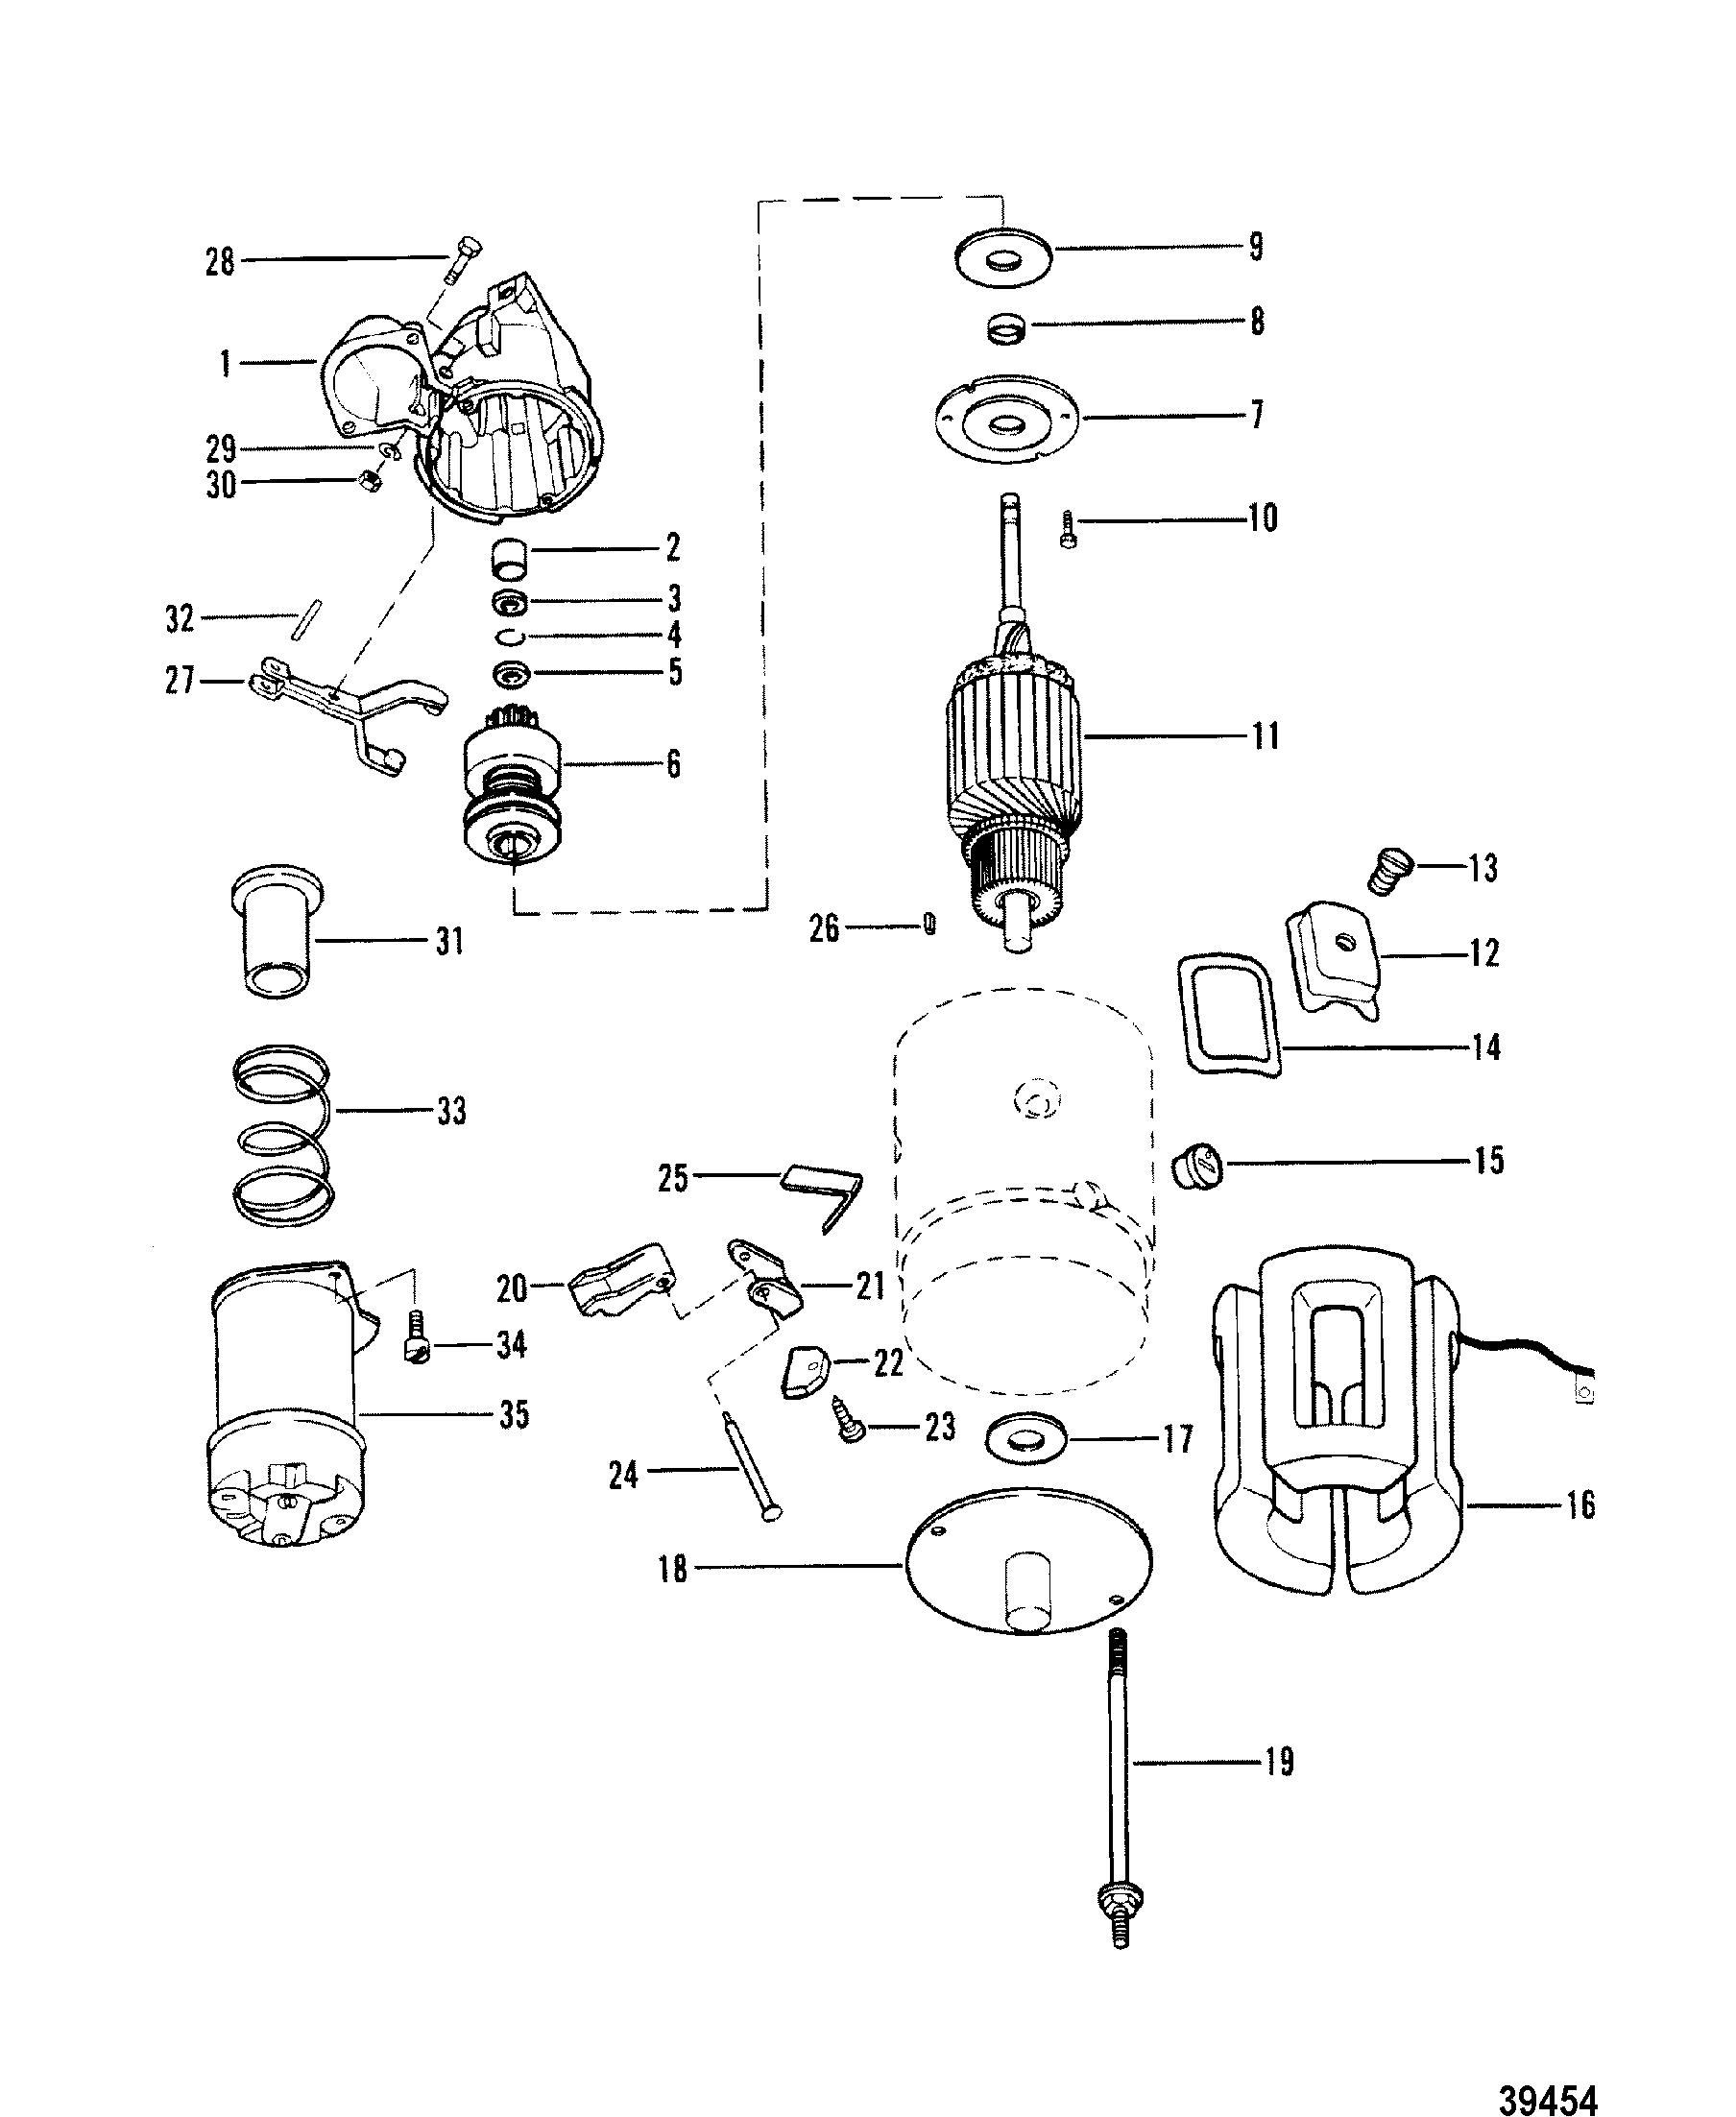 Starter Motor Assembly For Mercruiser 165 Hp